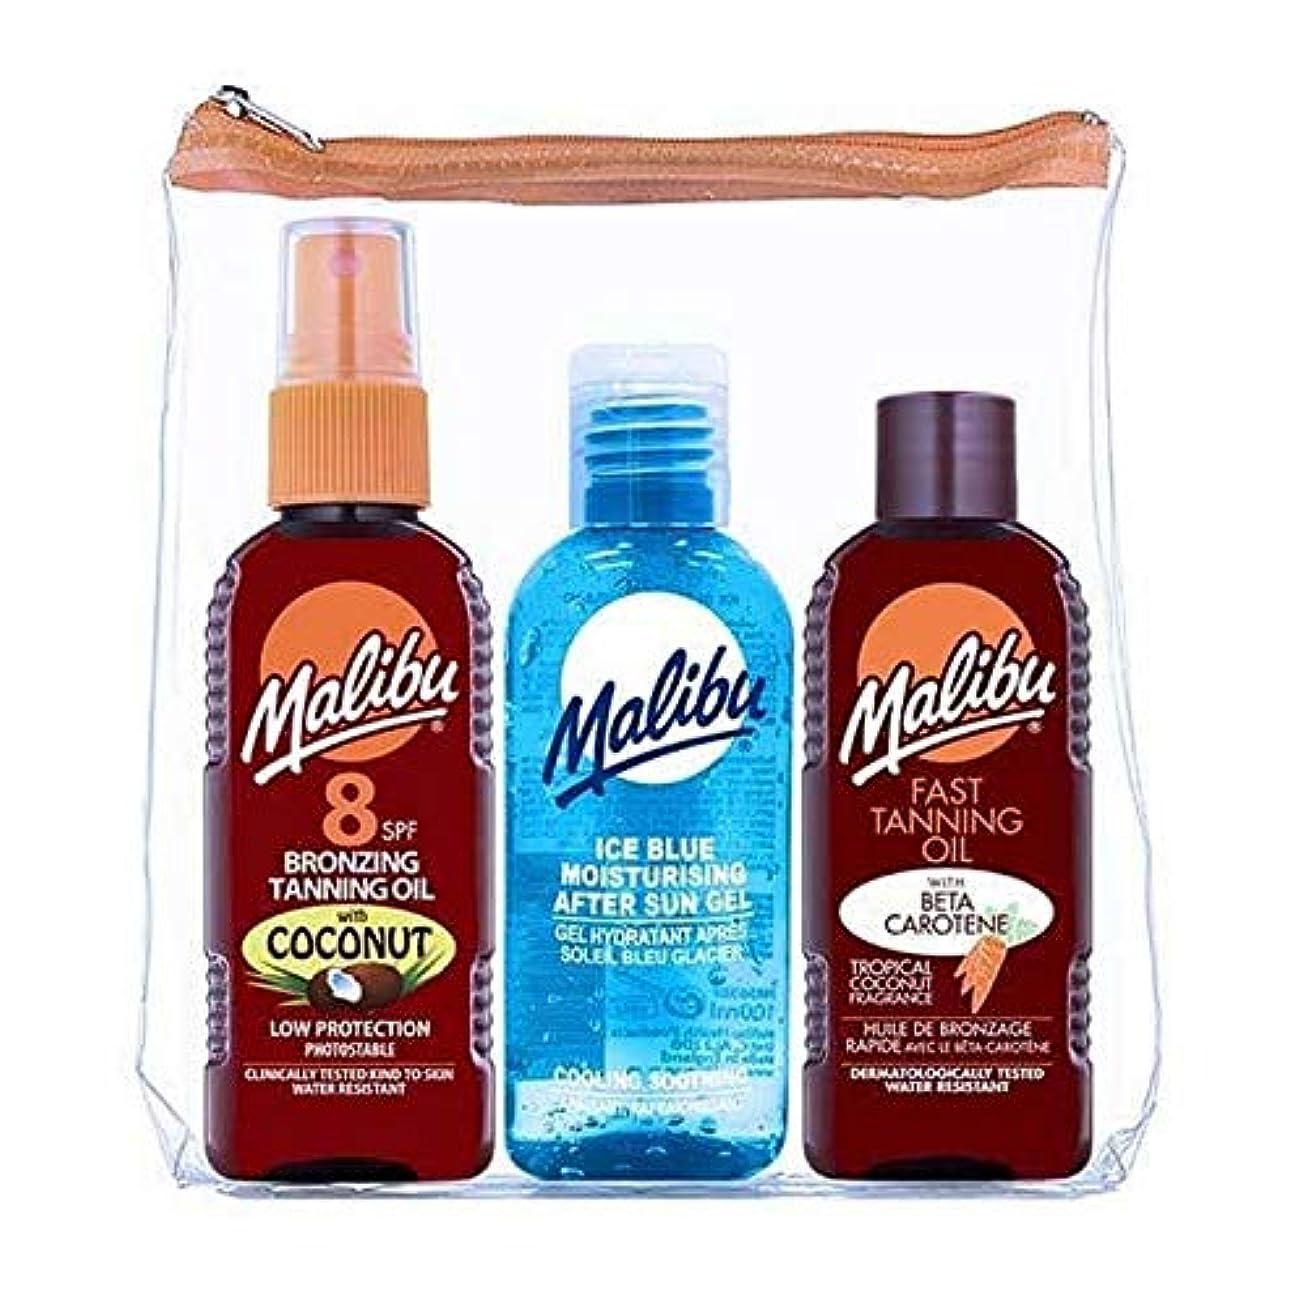 偽善郵便屋さんシャワー[Malibu ] マリブSpf8ココナッツ日焼けオイルのアイスブルー - Malibu SPF8 Coconut Tan Oil Ice Blue [並行輸入品]